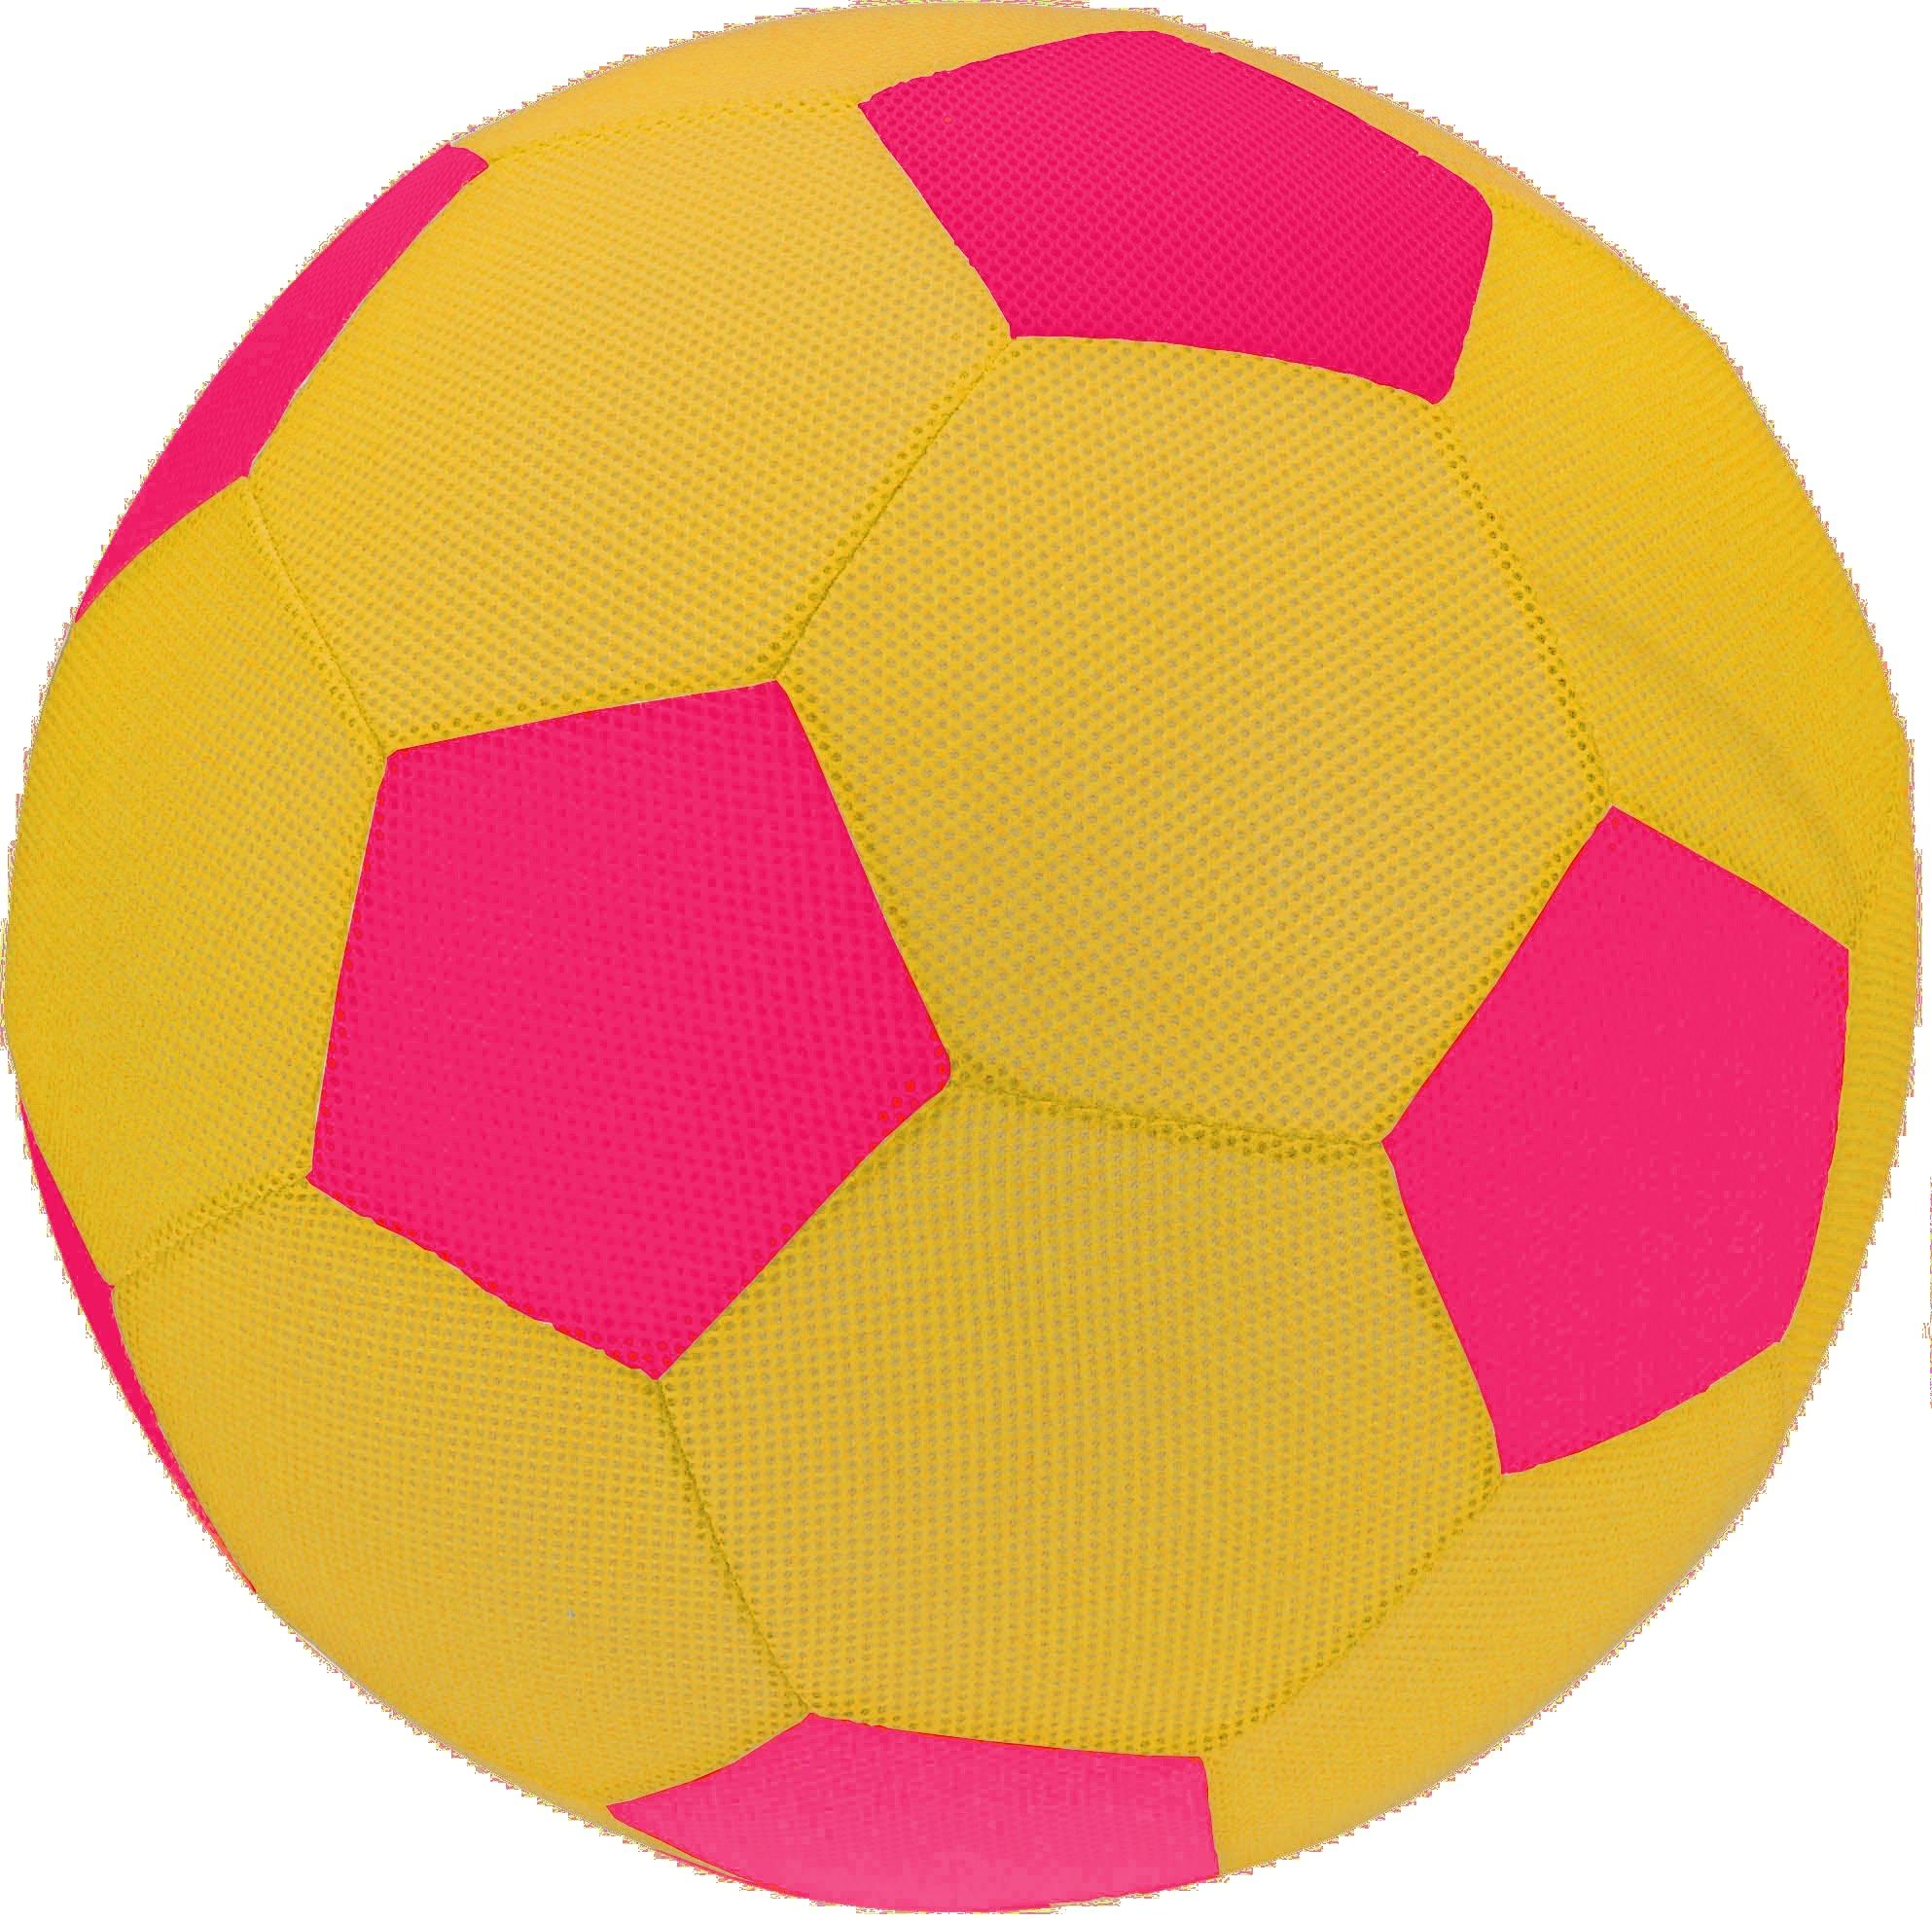 Spielzeug Fussball Netz Gelb 30 Cm